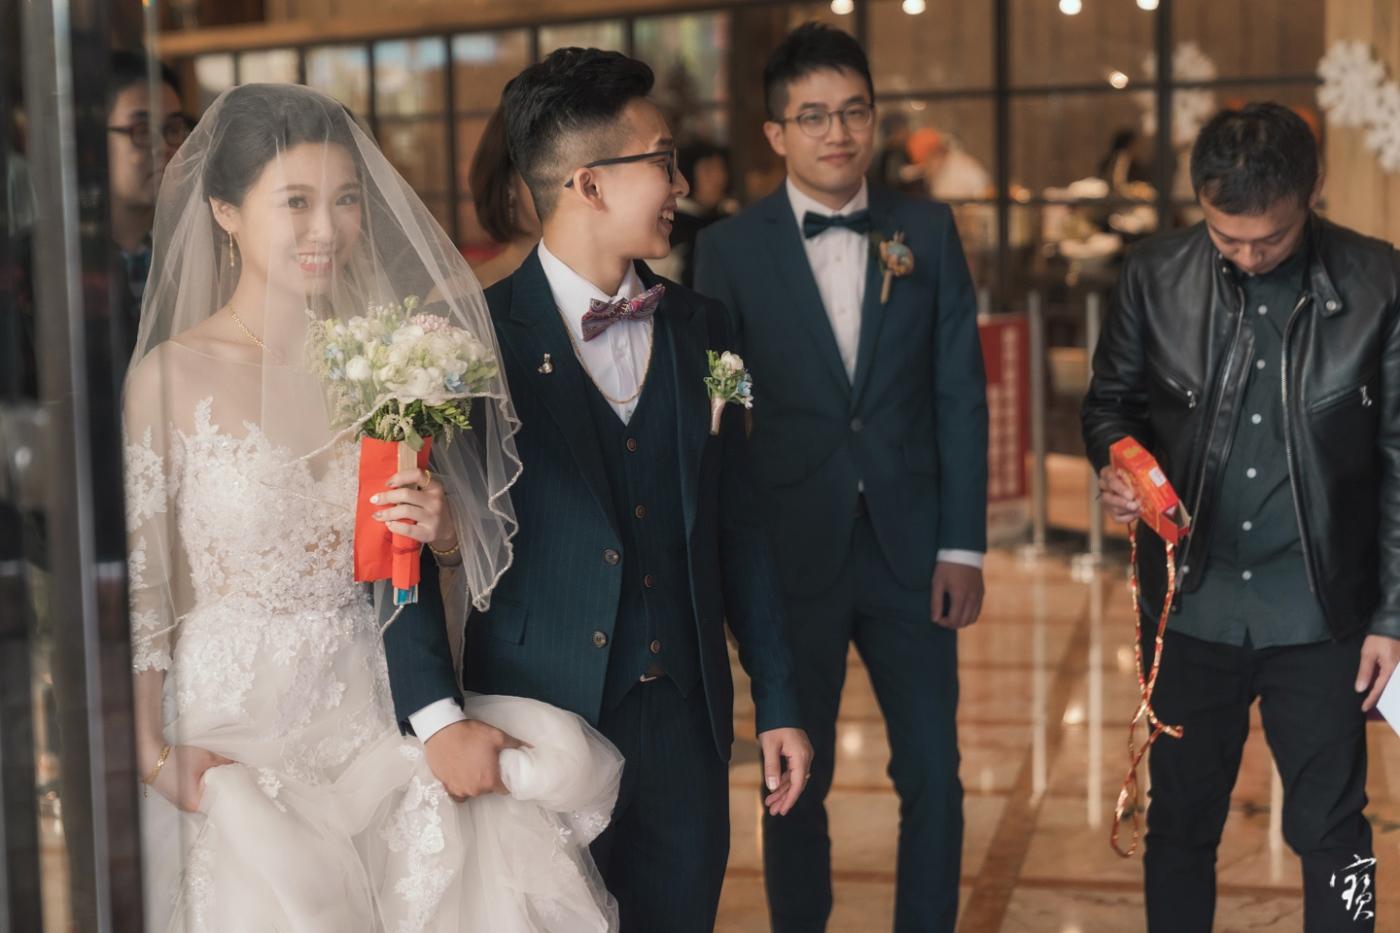 婚禮攝影 婚紗 大直 典華 冬半影像 攝影師大寶 北部攝影 台北攝影 桃園攝影 新竹攝影20181208-209